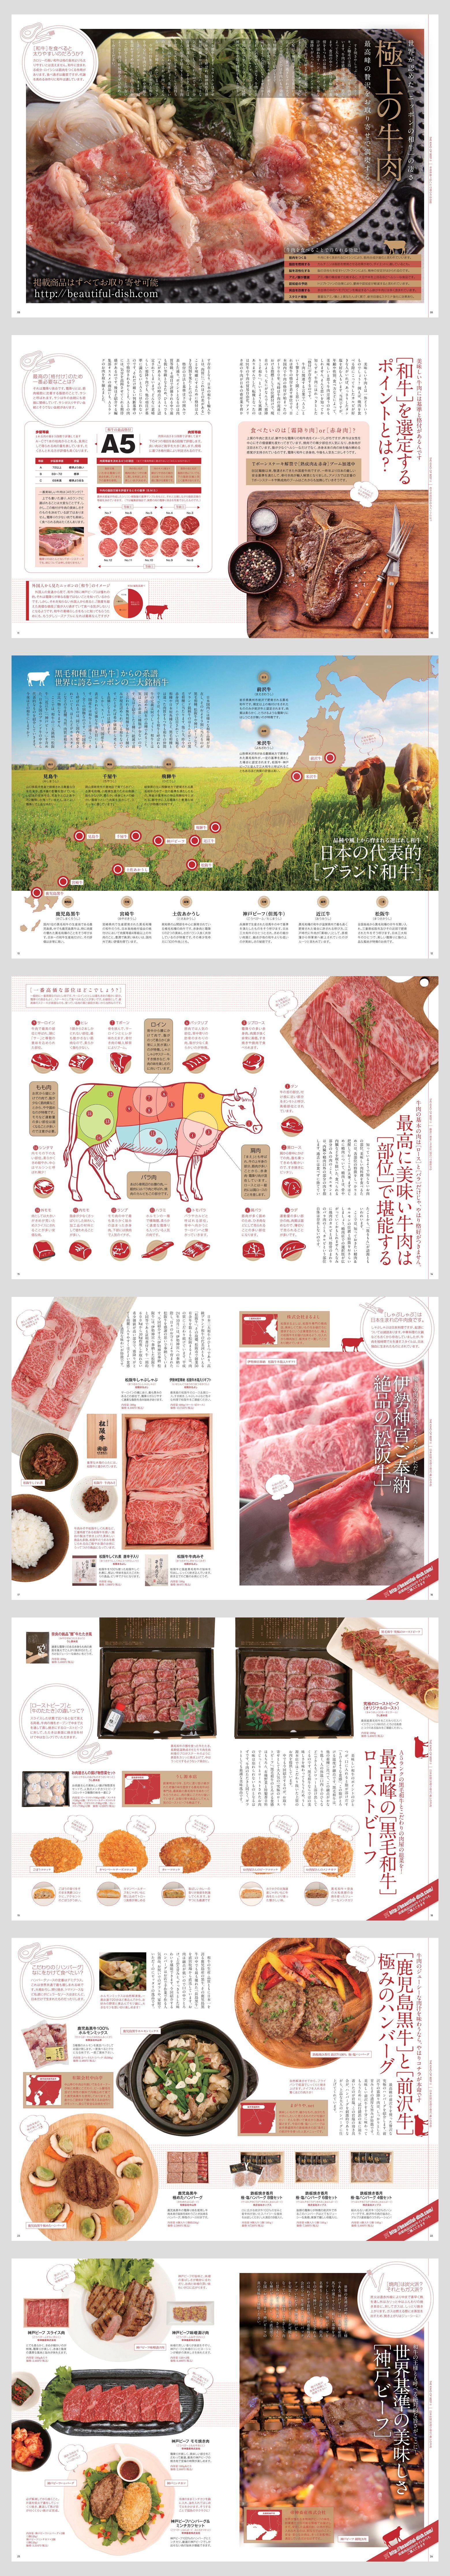 book layout おしゃれまとめの人気アイデア pinterest chayotana unram エディトリアルデザイン 飲食 パンフレット デザイン